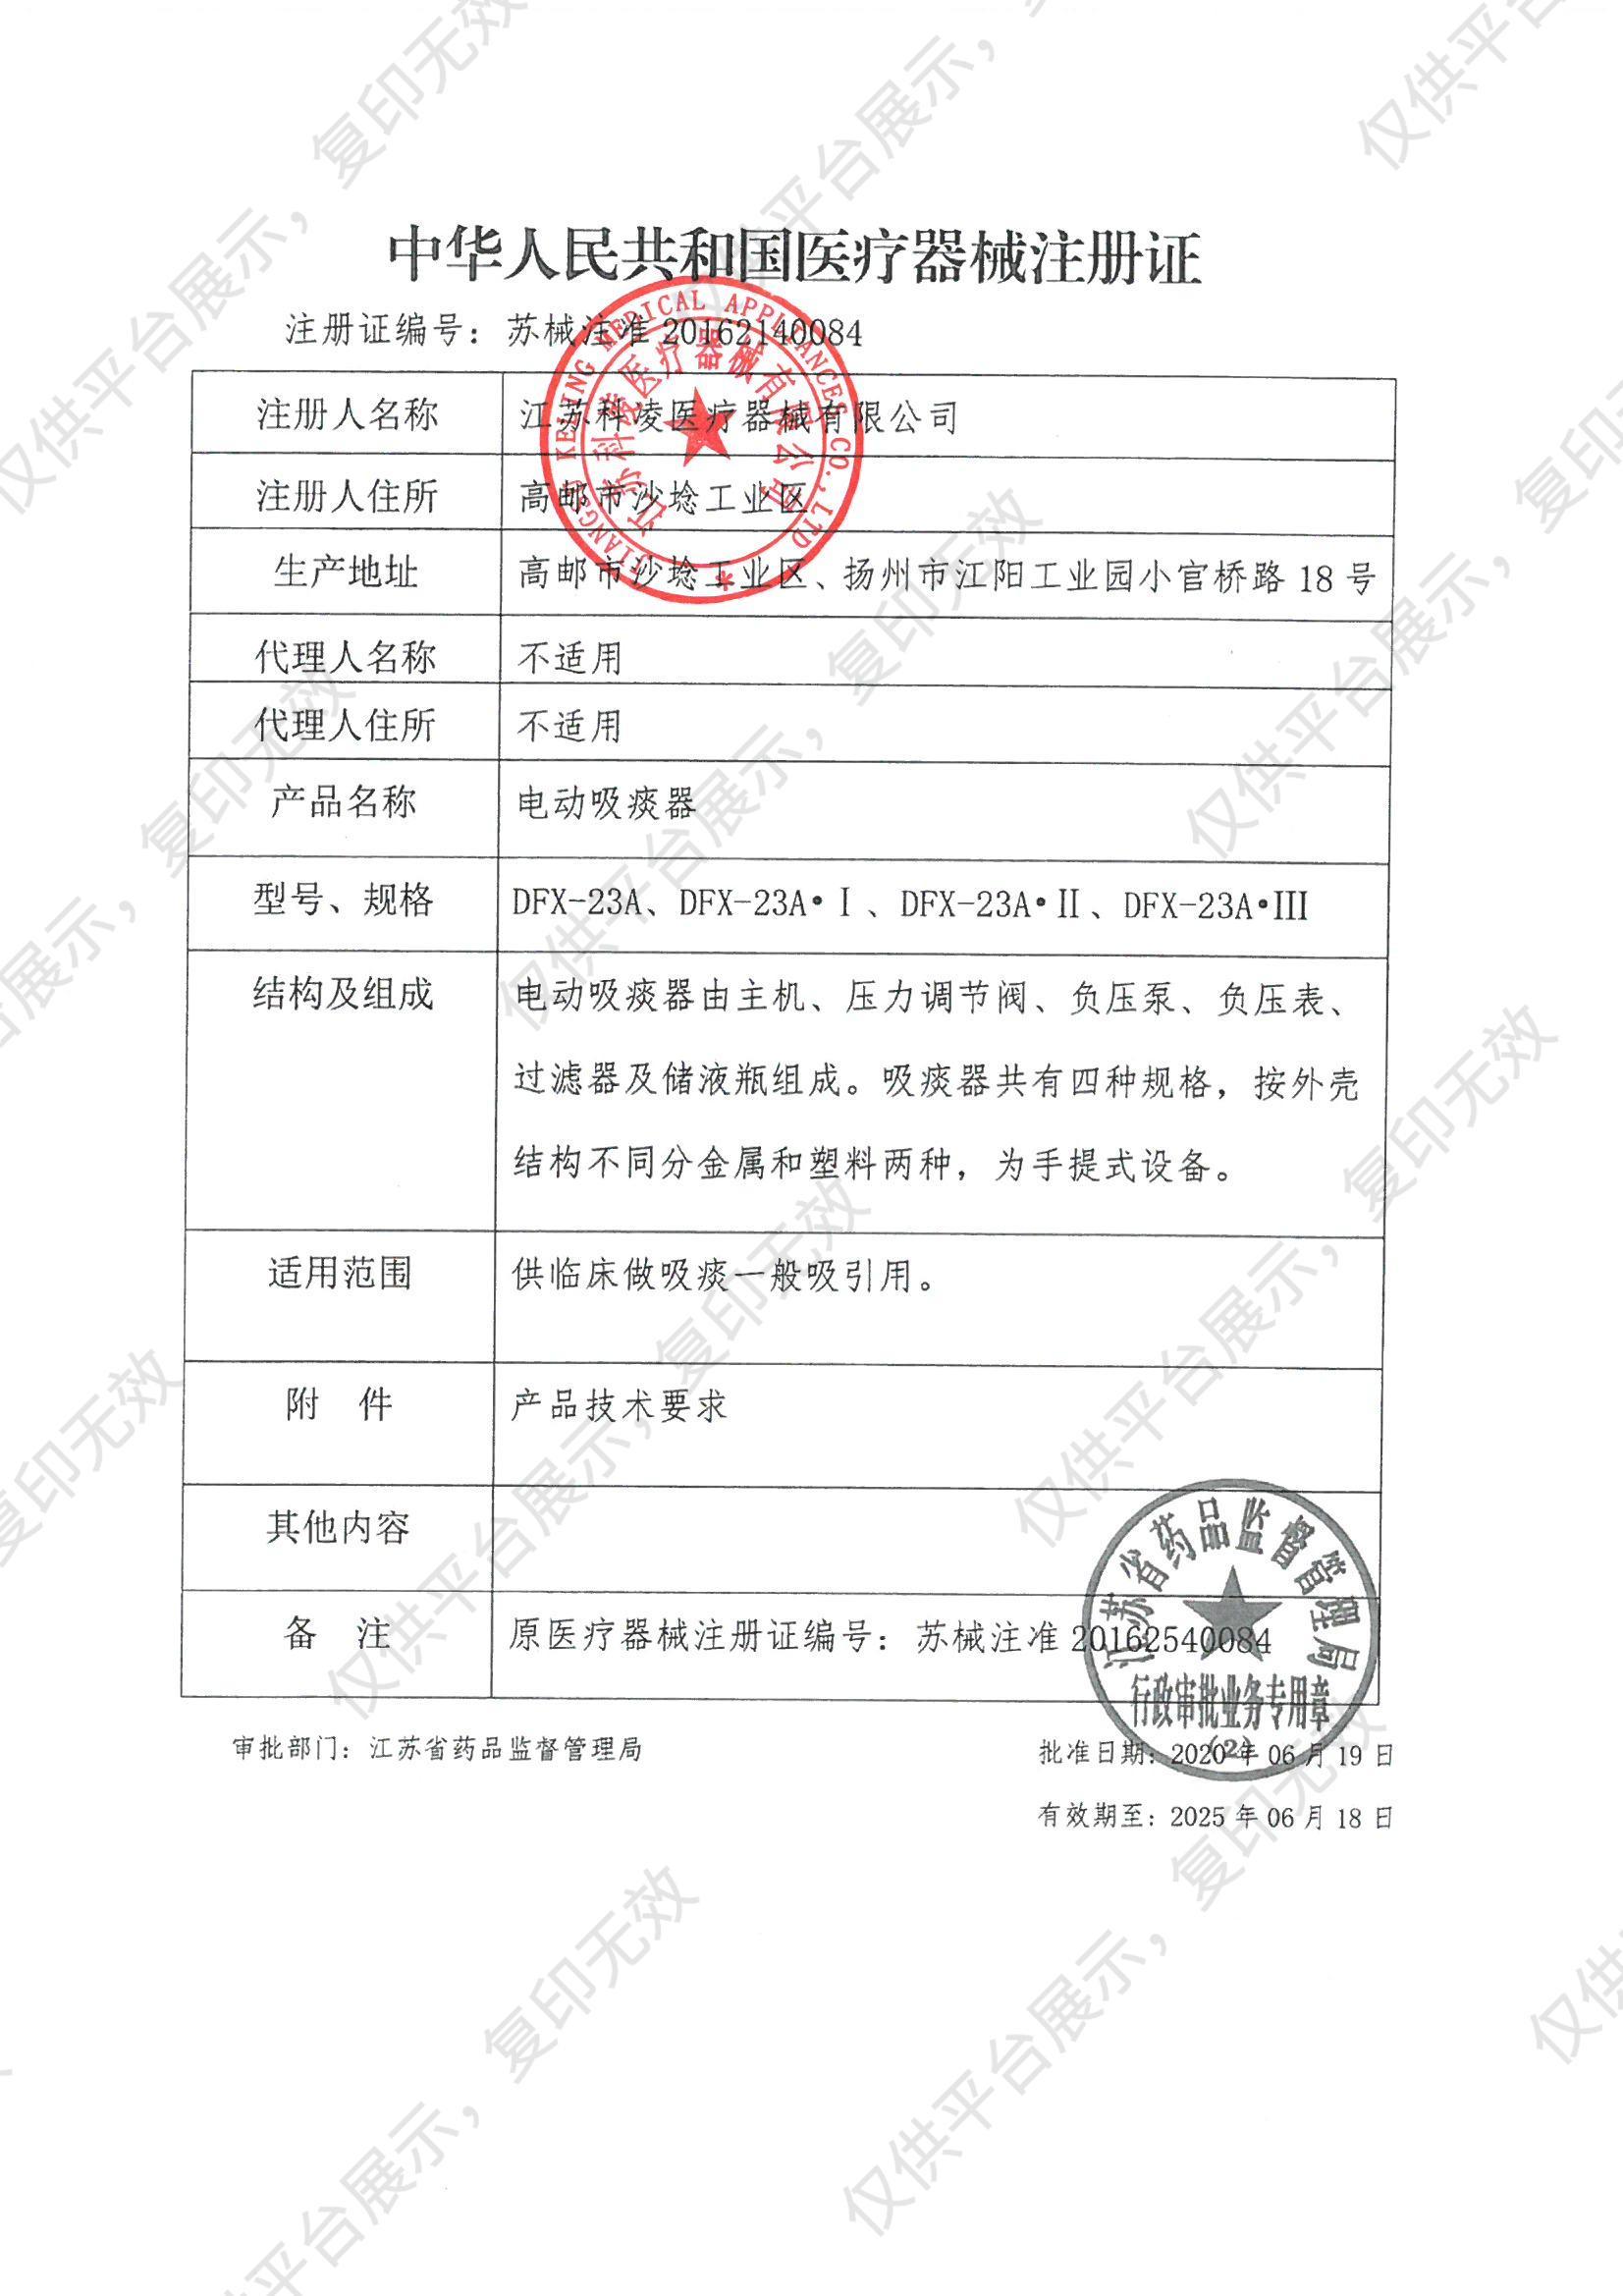 科凌keling 电动吸痰器 DFX-23A·II注册证